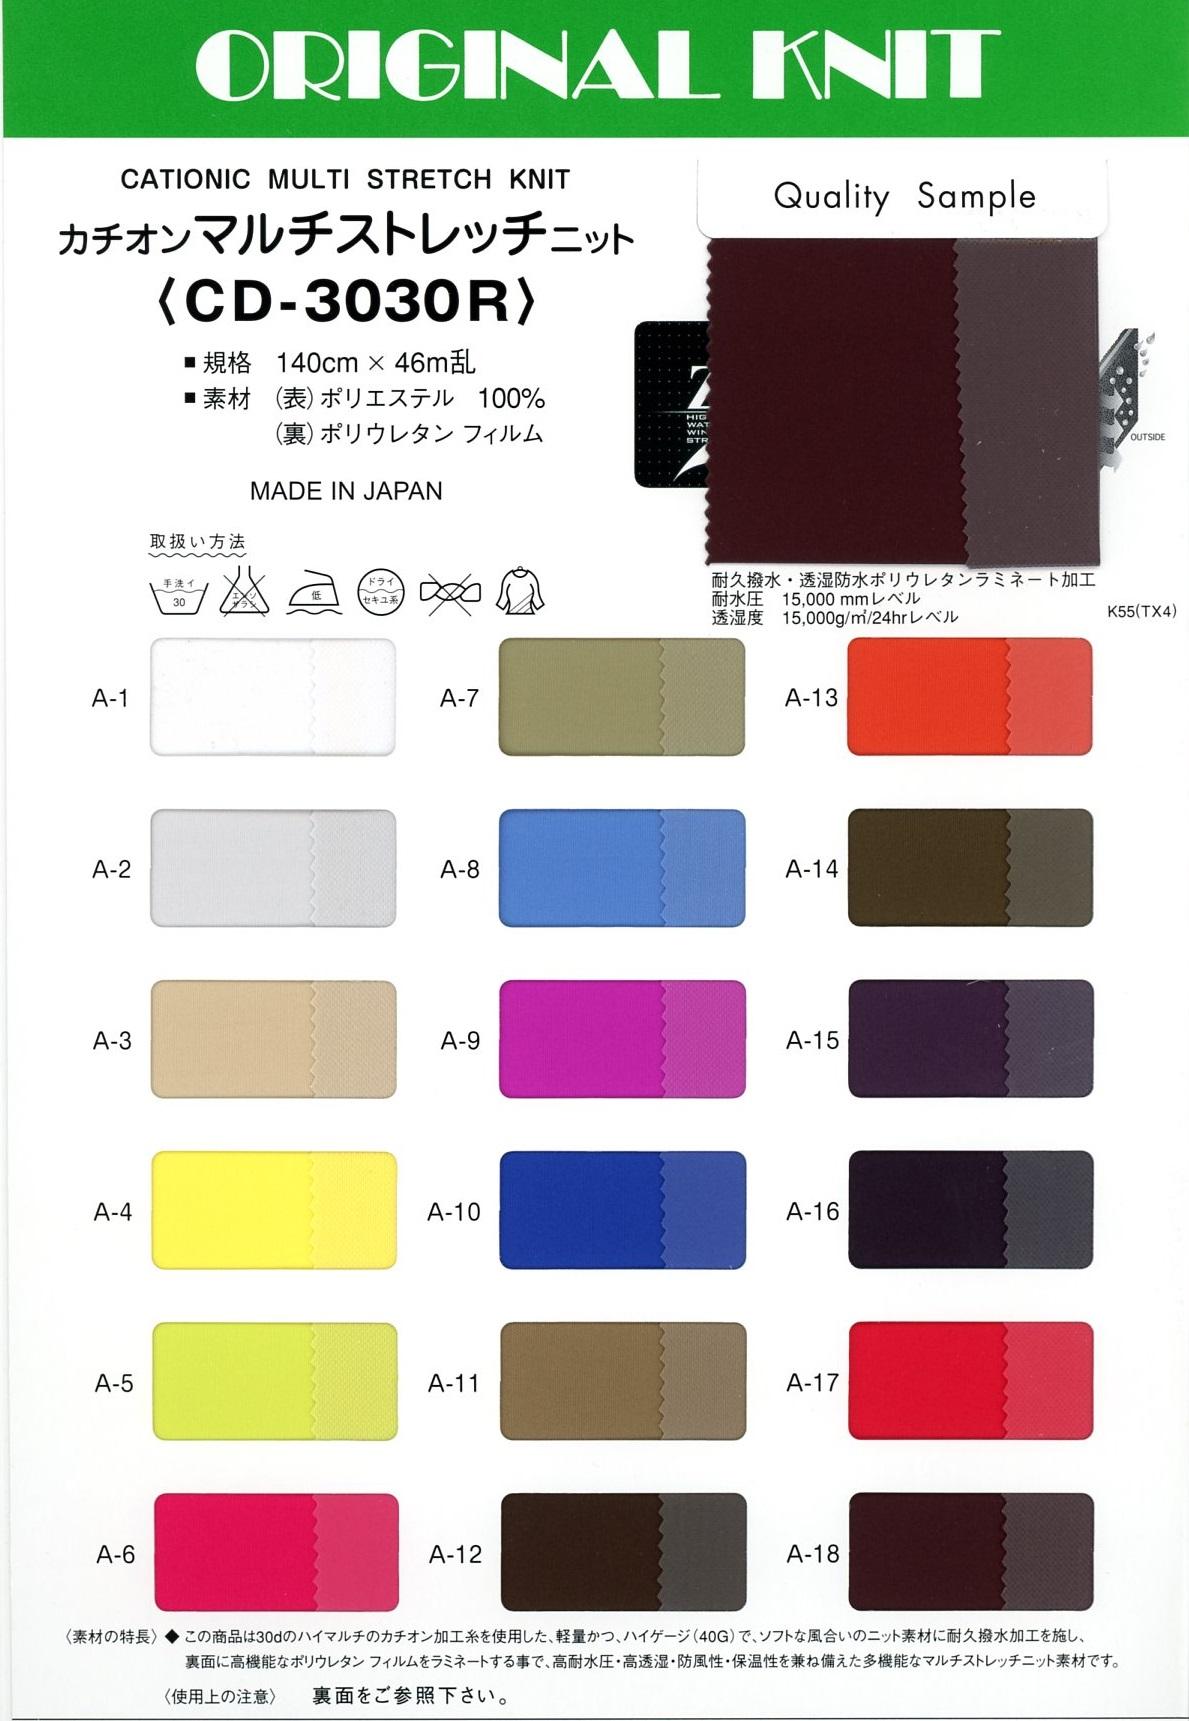 CD3030R